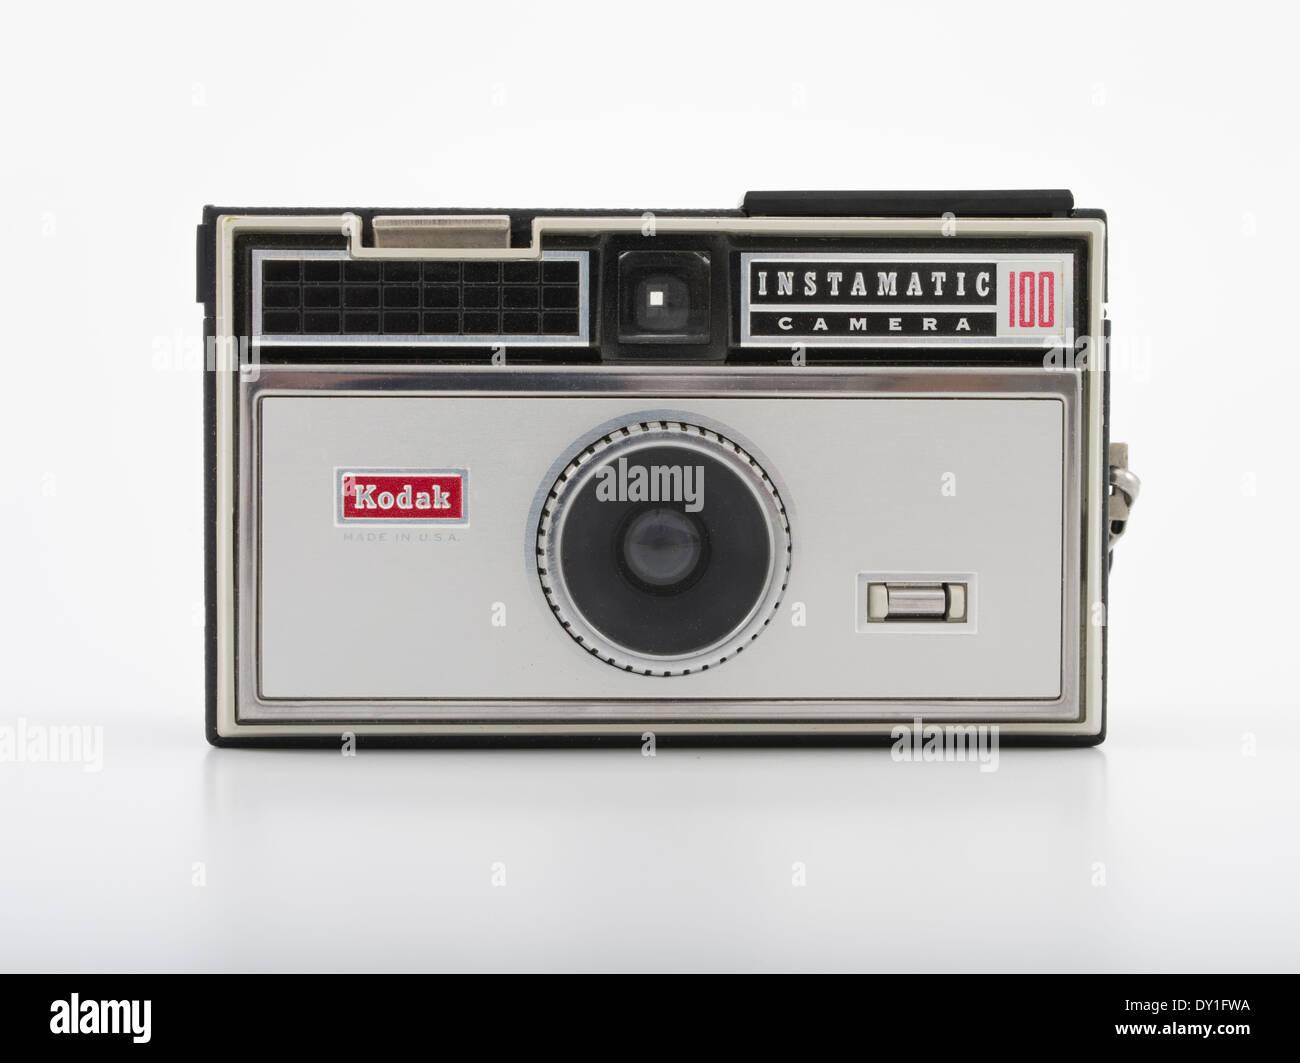 Kodak Instamatic 100 Film fotocamera con flash che utilizza il formato 126 film. Kodak 1963. Immagini Stock